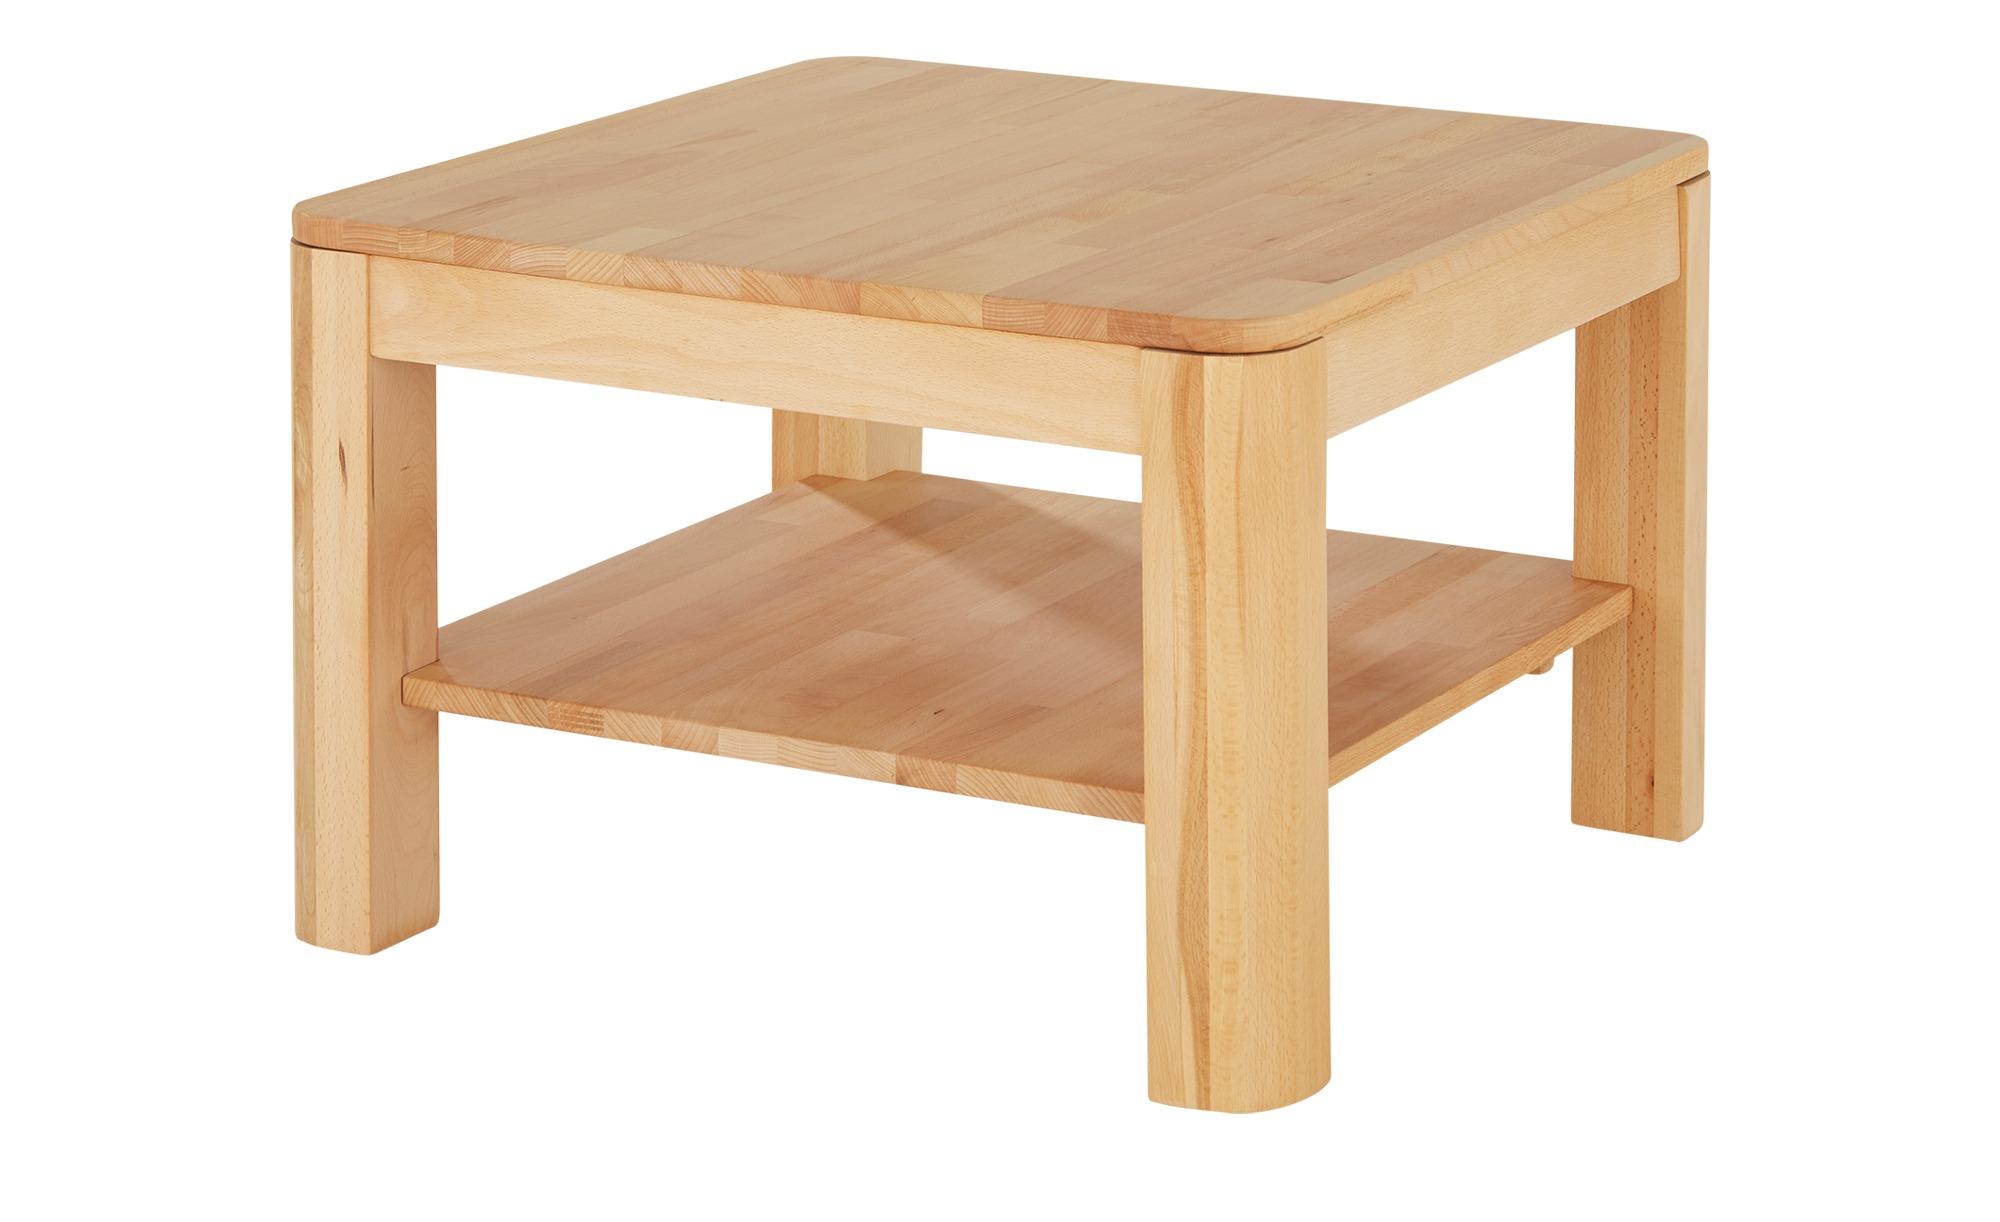 Couchtisch  Solido ¦ holzfarben ¦ Maße (cm): B: 70 H: 46 Tische > Couchtische > Couchtisch Massivholz - Höffner